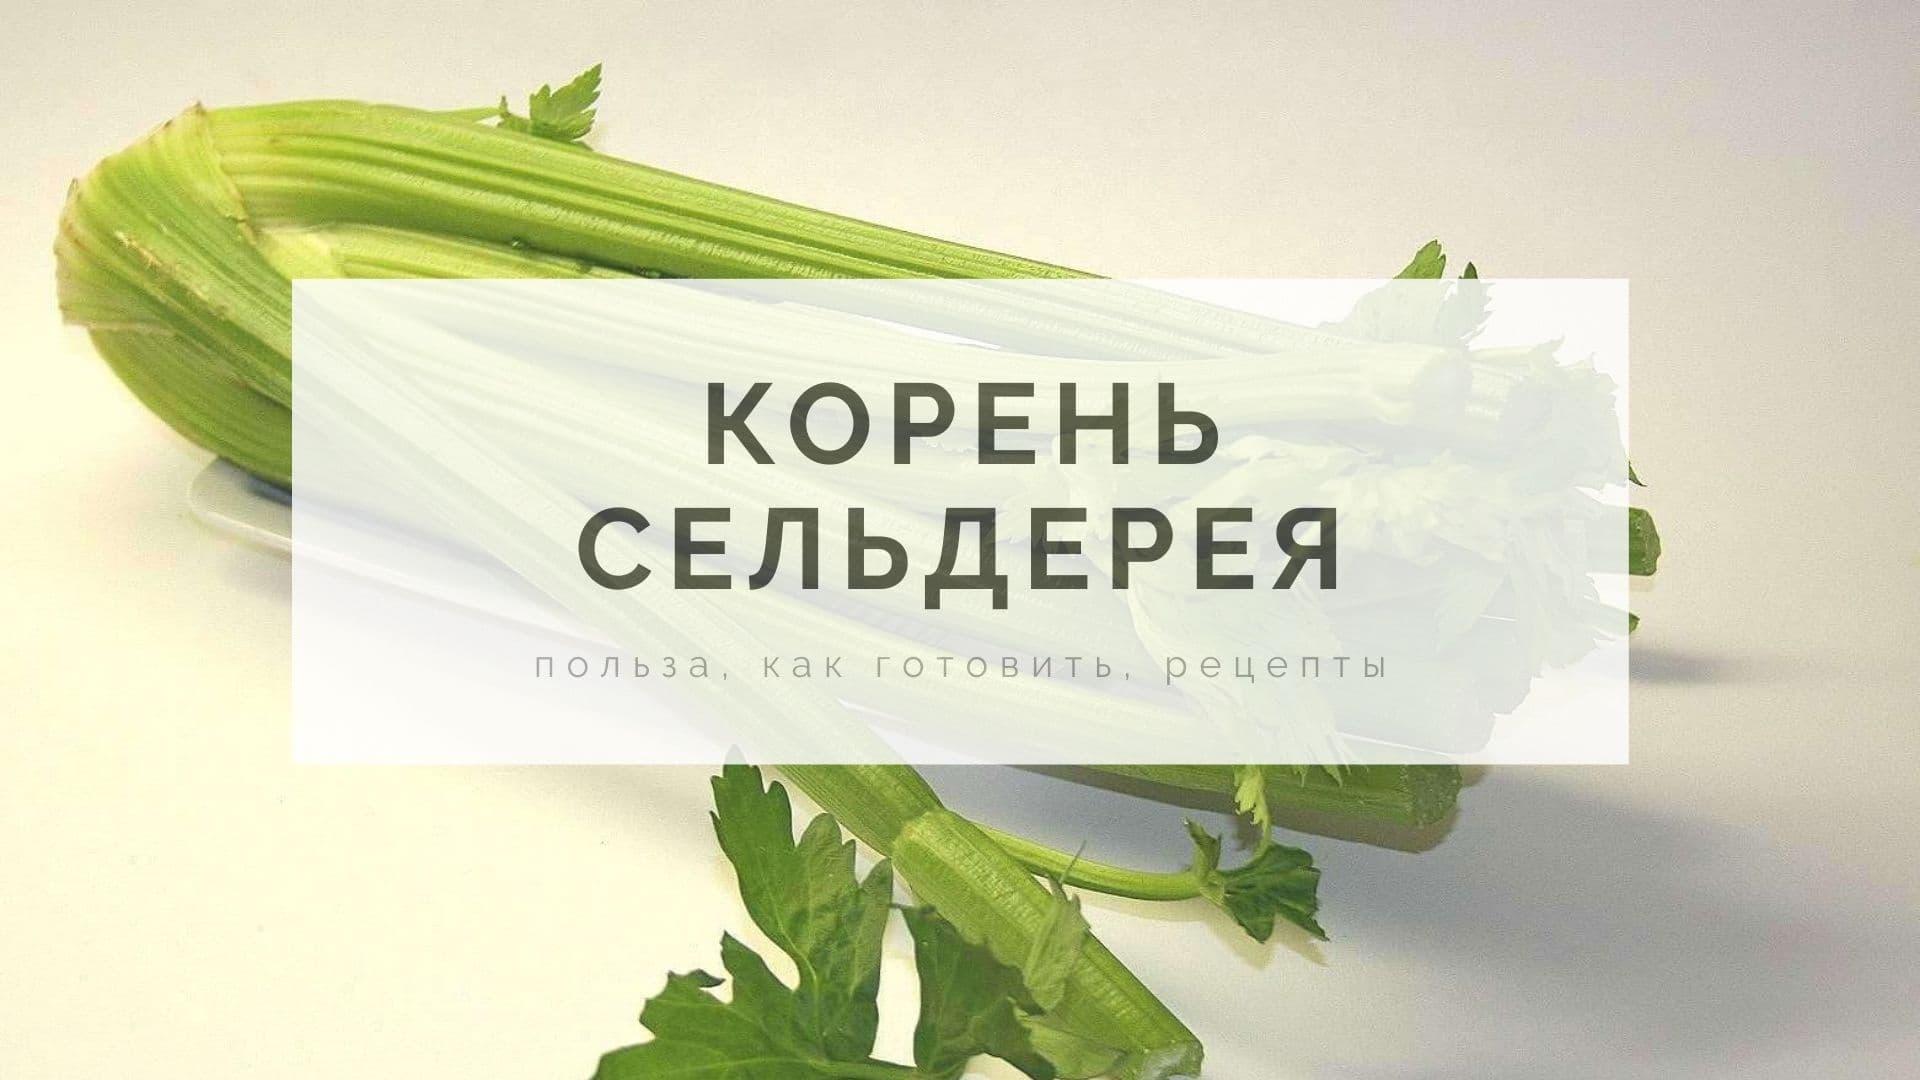 Корень сельдерея: польза, как готовить, рецепты